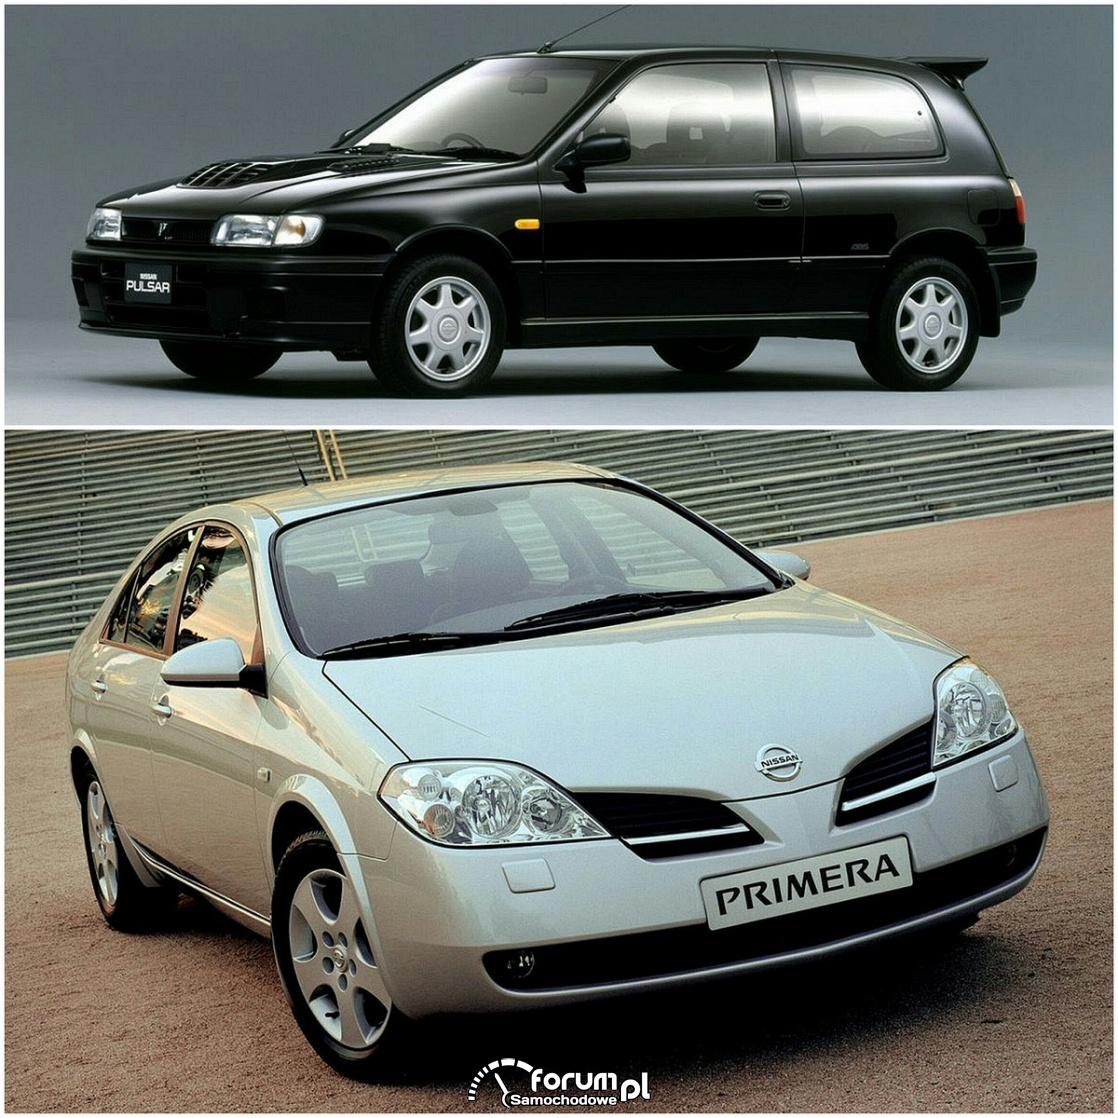 Nissan Primera, Pulsar, silniki z serii SR20